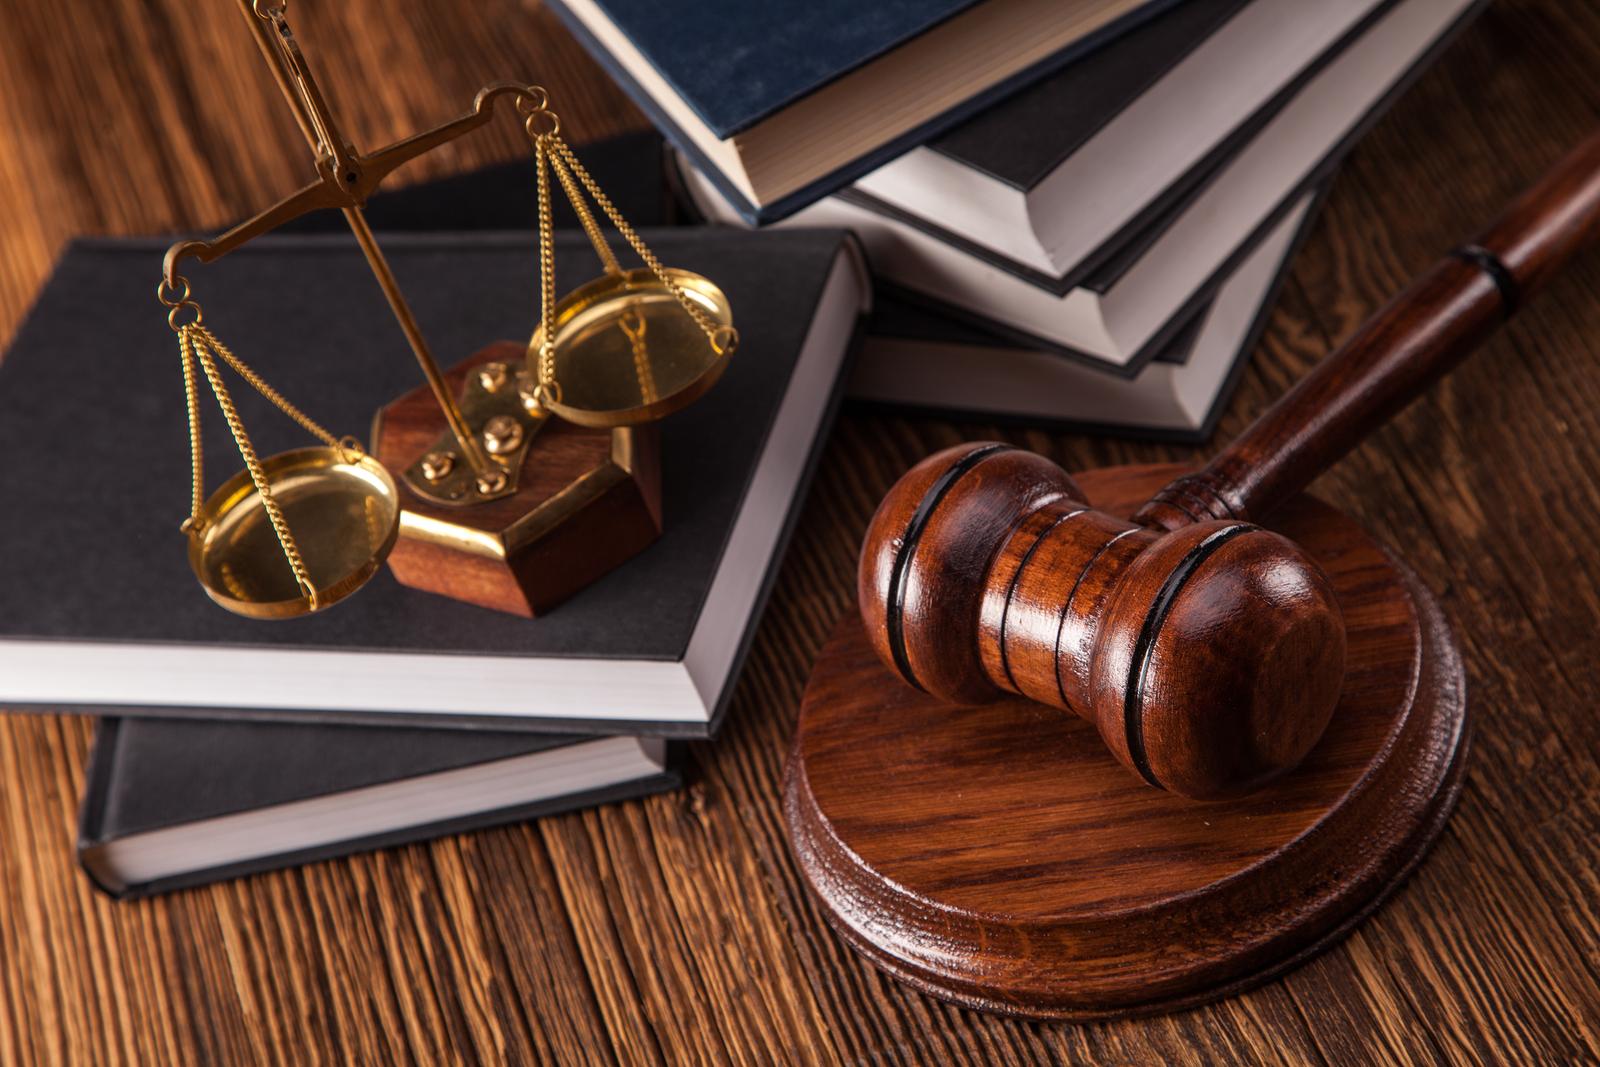 Αποτέλεσμα εικόνας για αντιδράσεις για τη Νομική Πάτρας - Δε θα αλλάξει ο συνολικός αριθμός εισακτέων